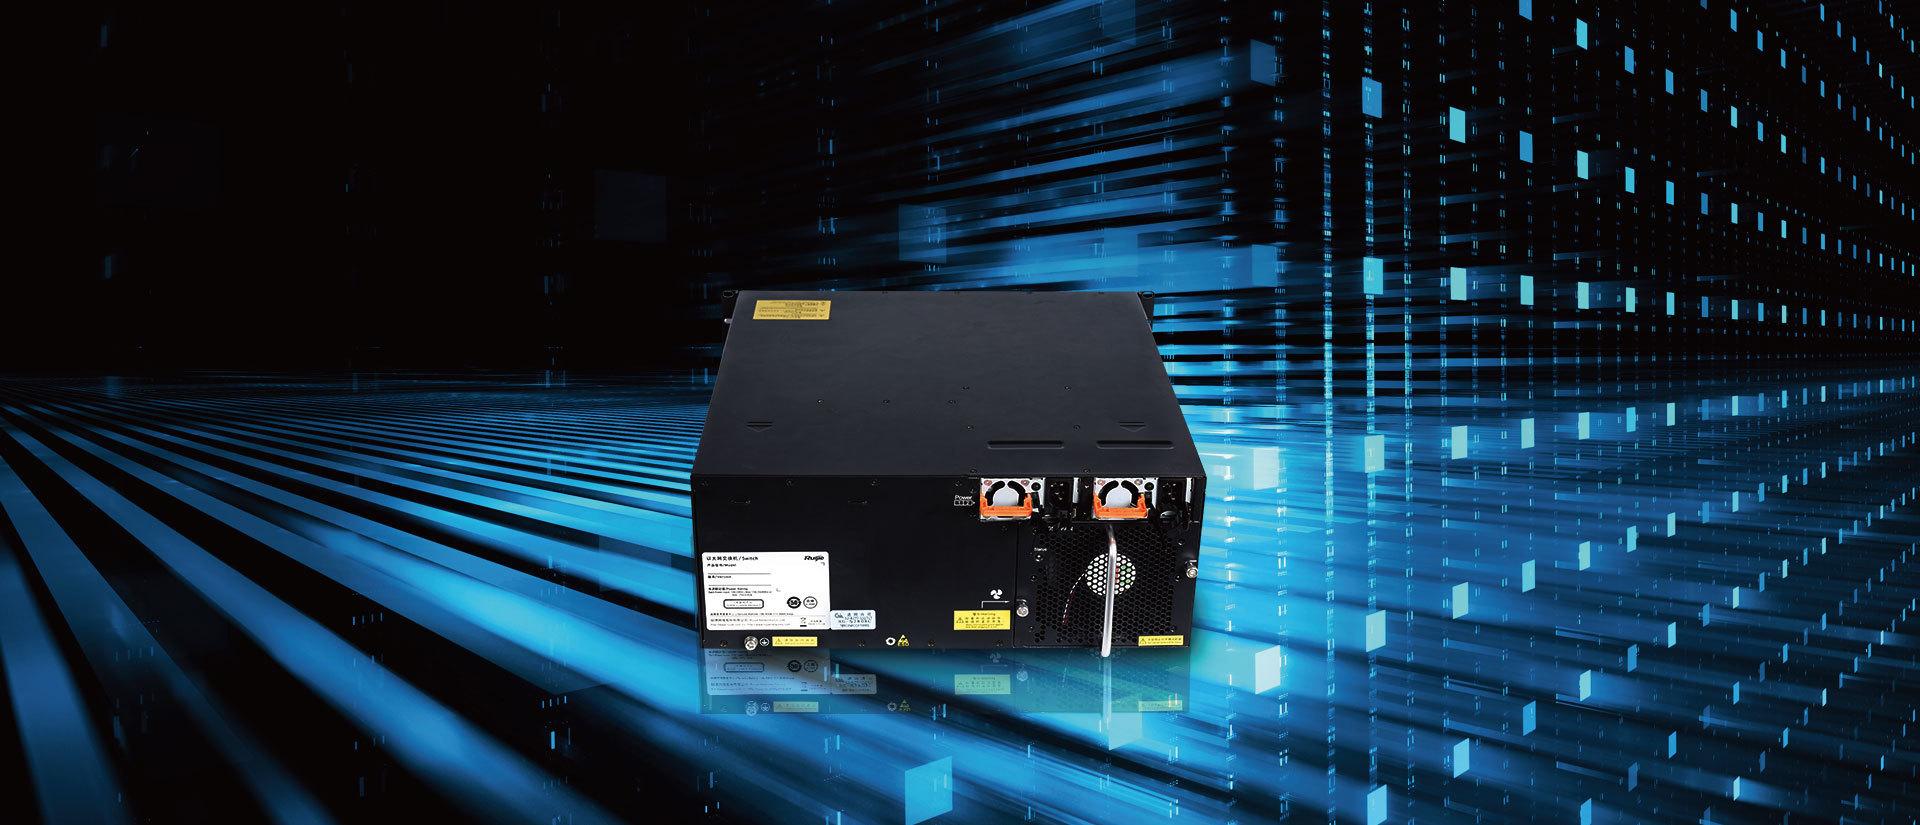 锐捷睿易模块化核心交换机RG-S7505-5